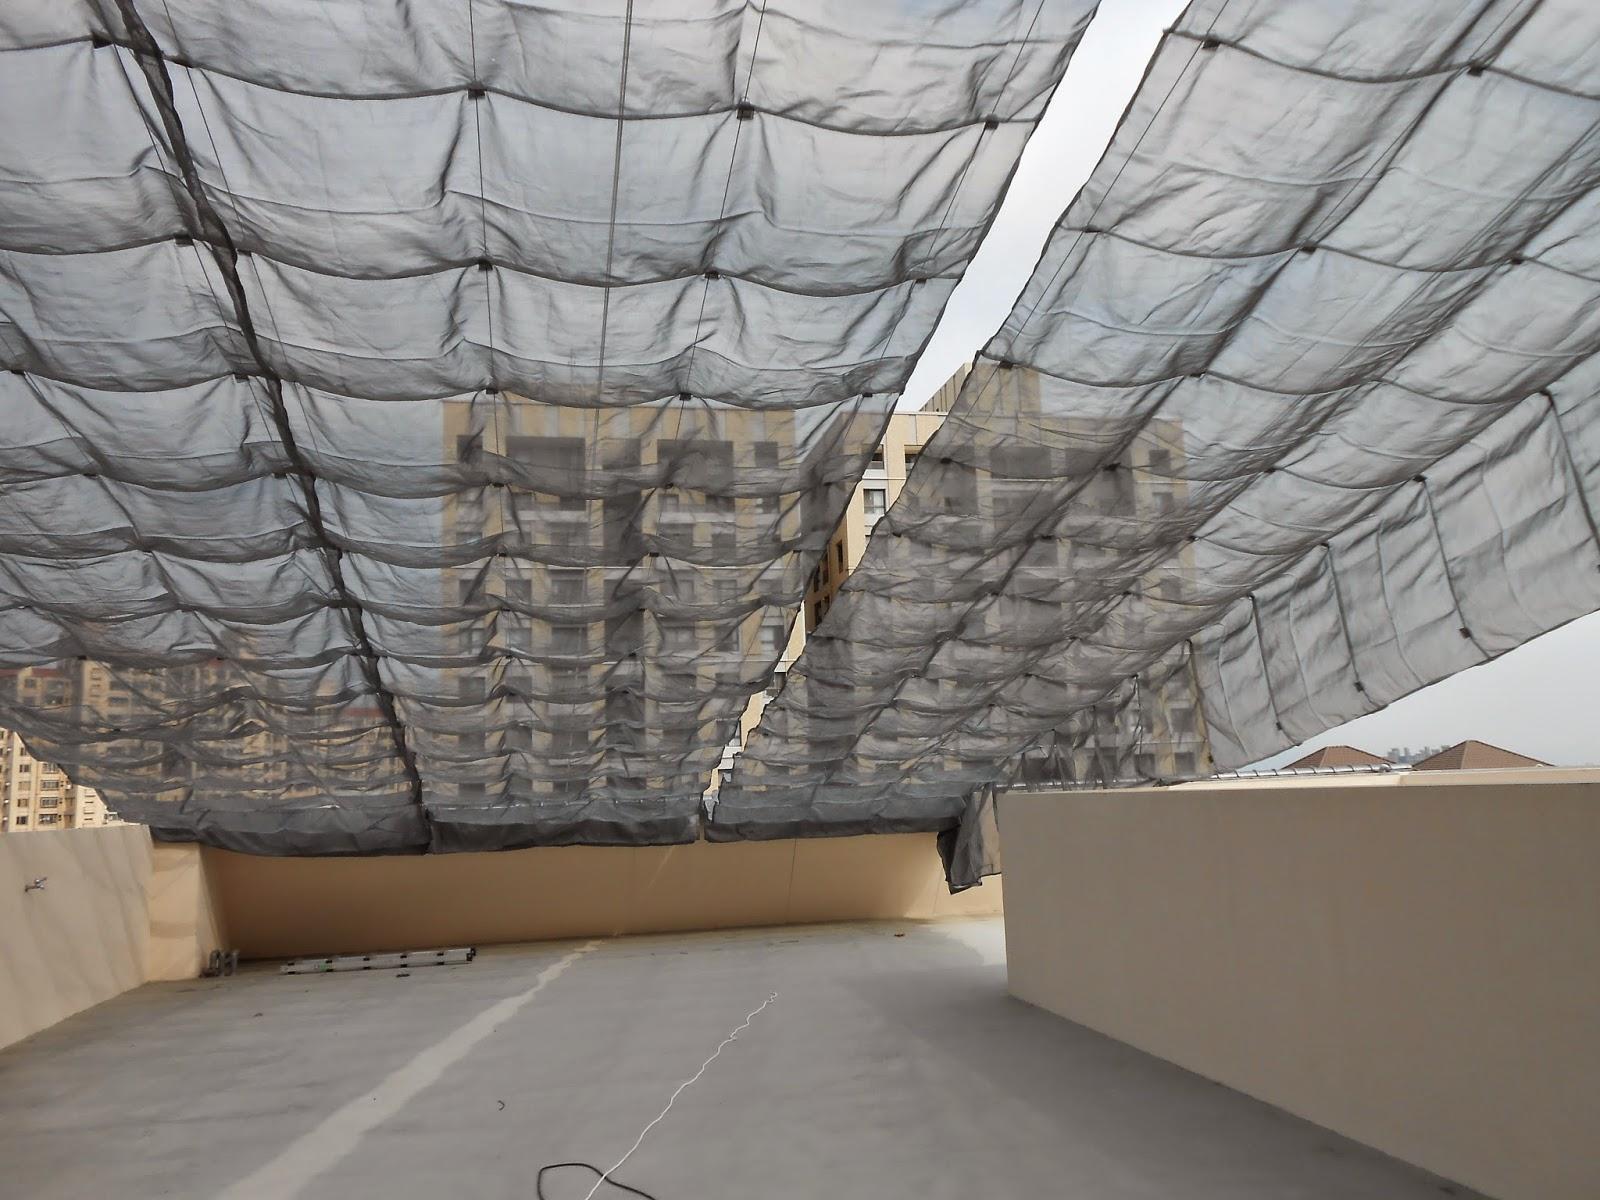 太陽牌遮陽網園藝設施溫室工程